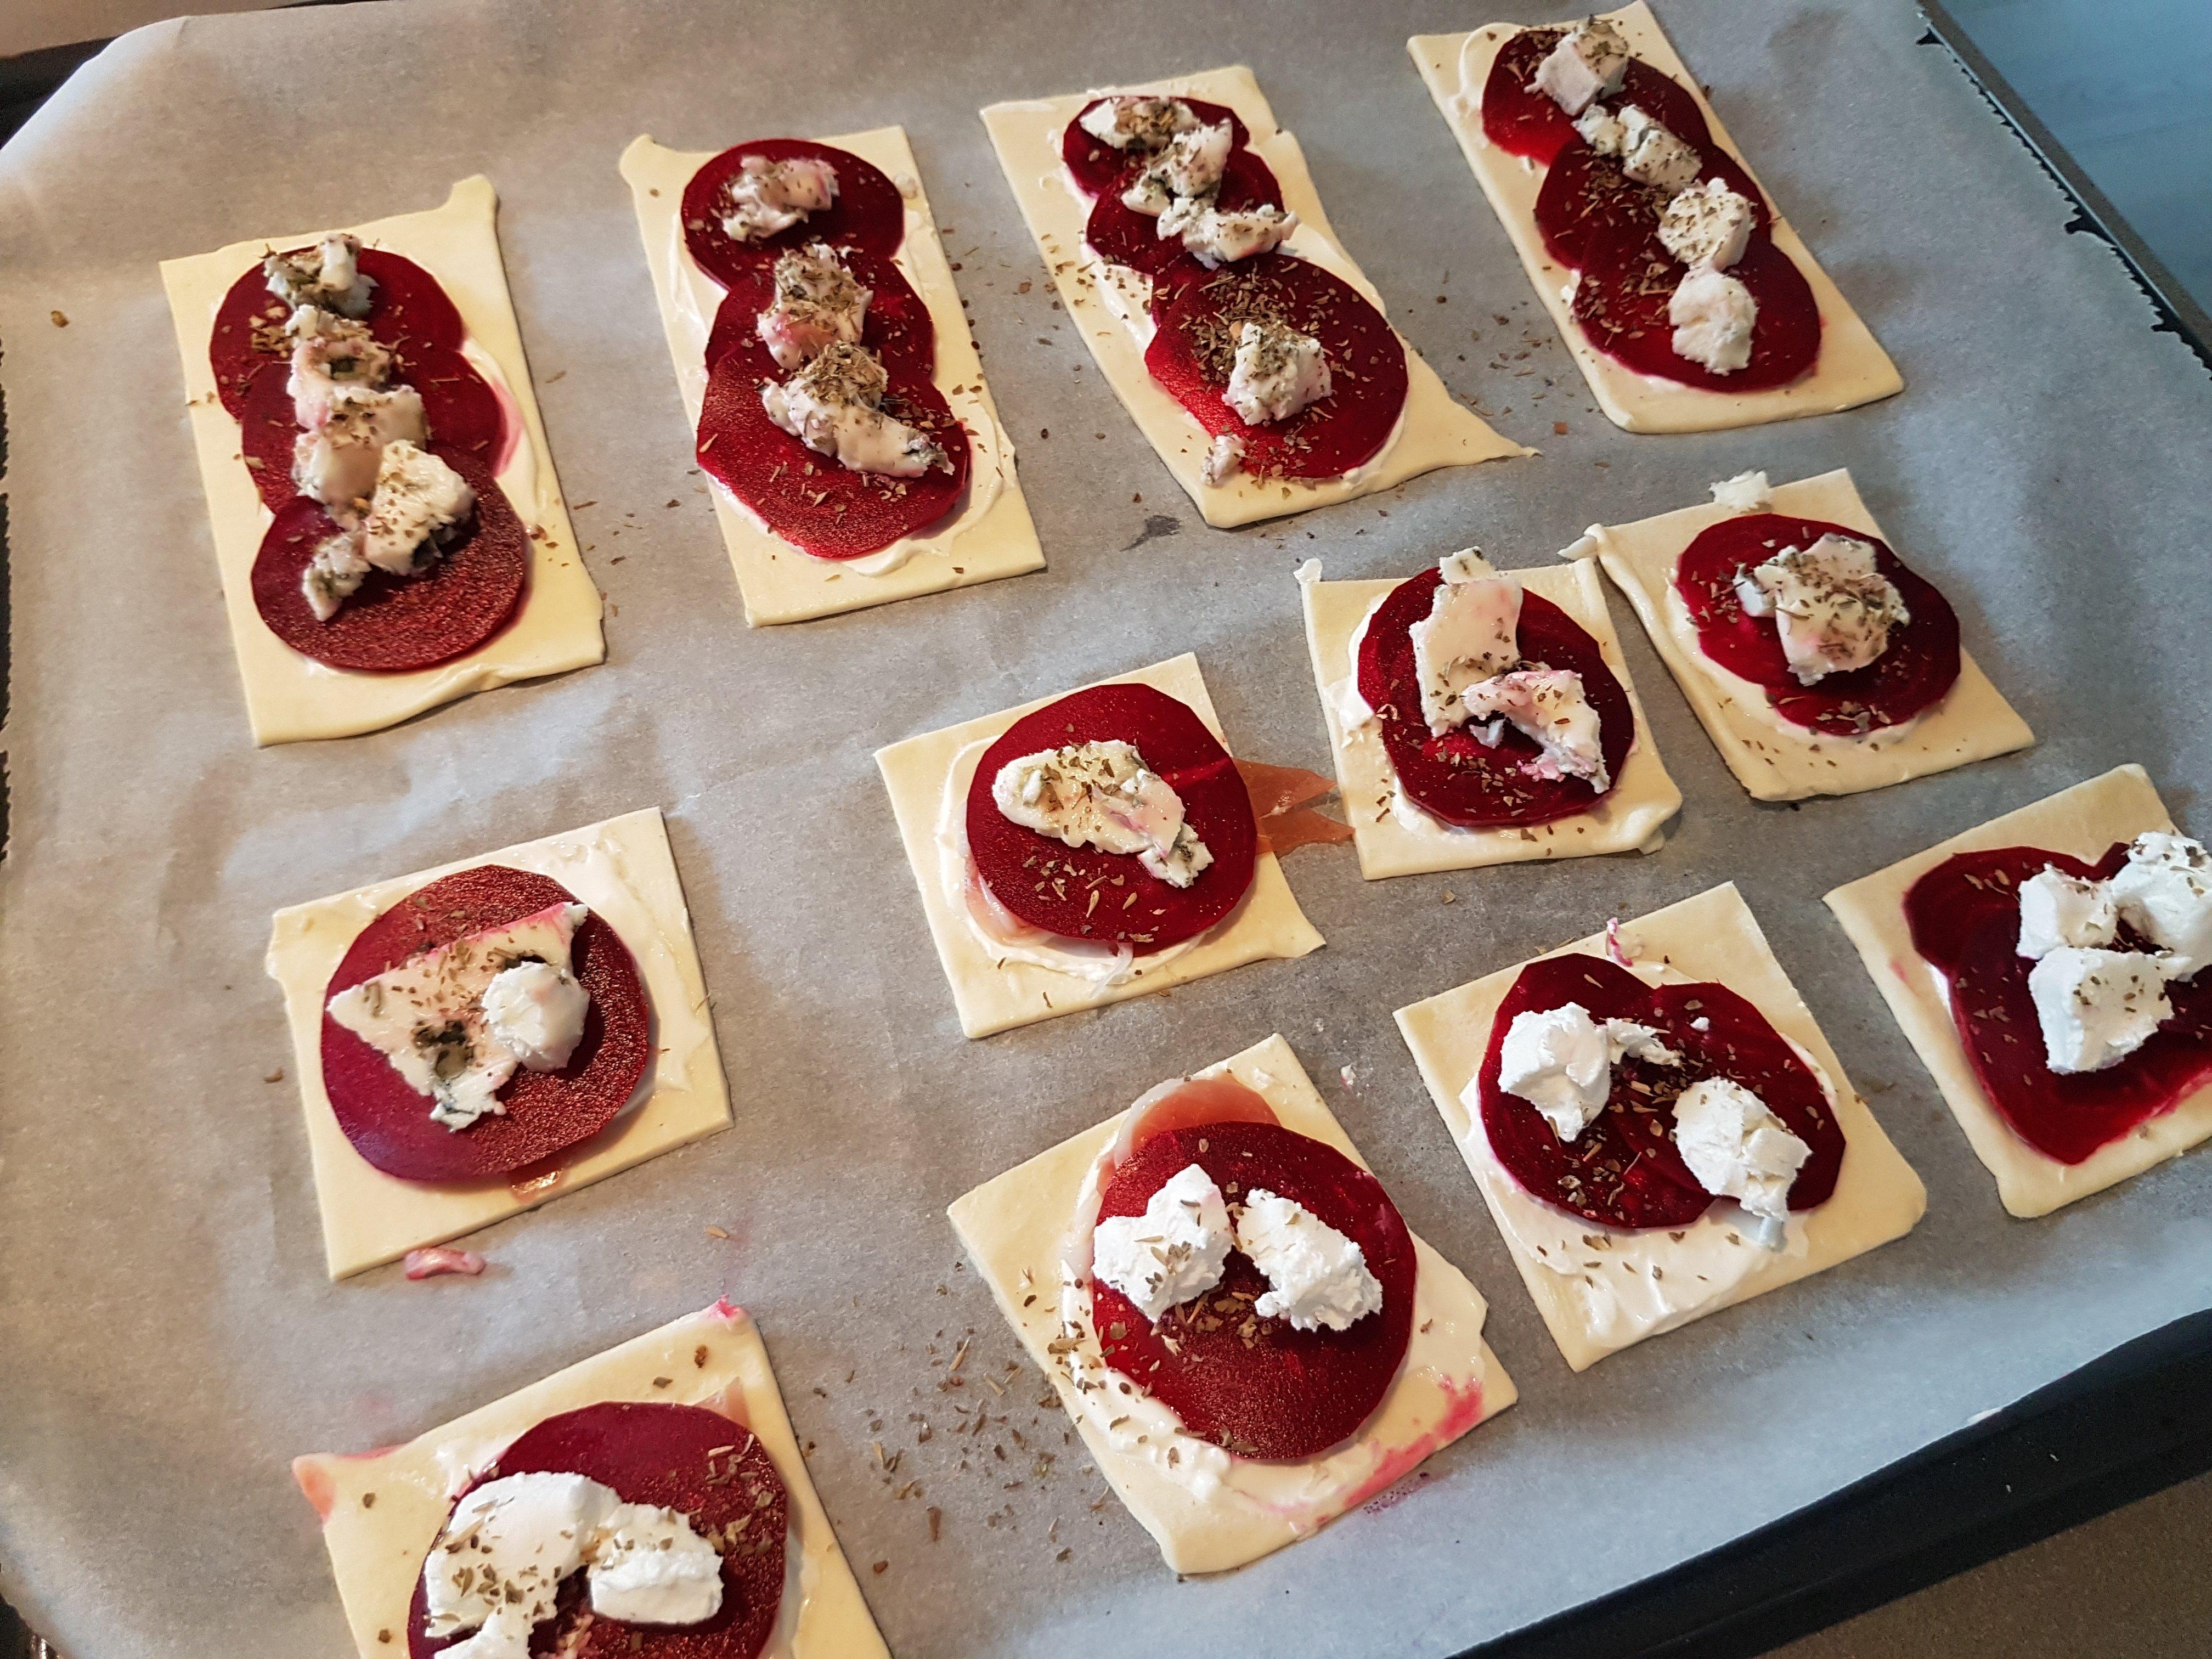 Rode biet bladerdeeghapjes voor ze de oven in gaan